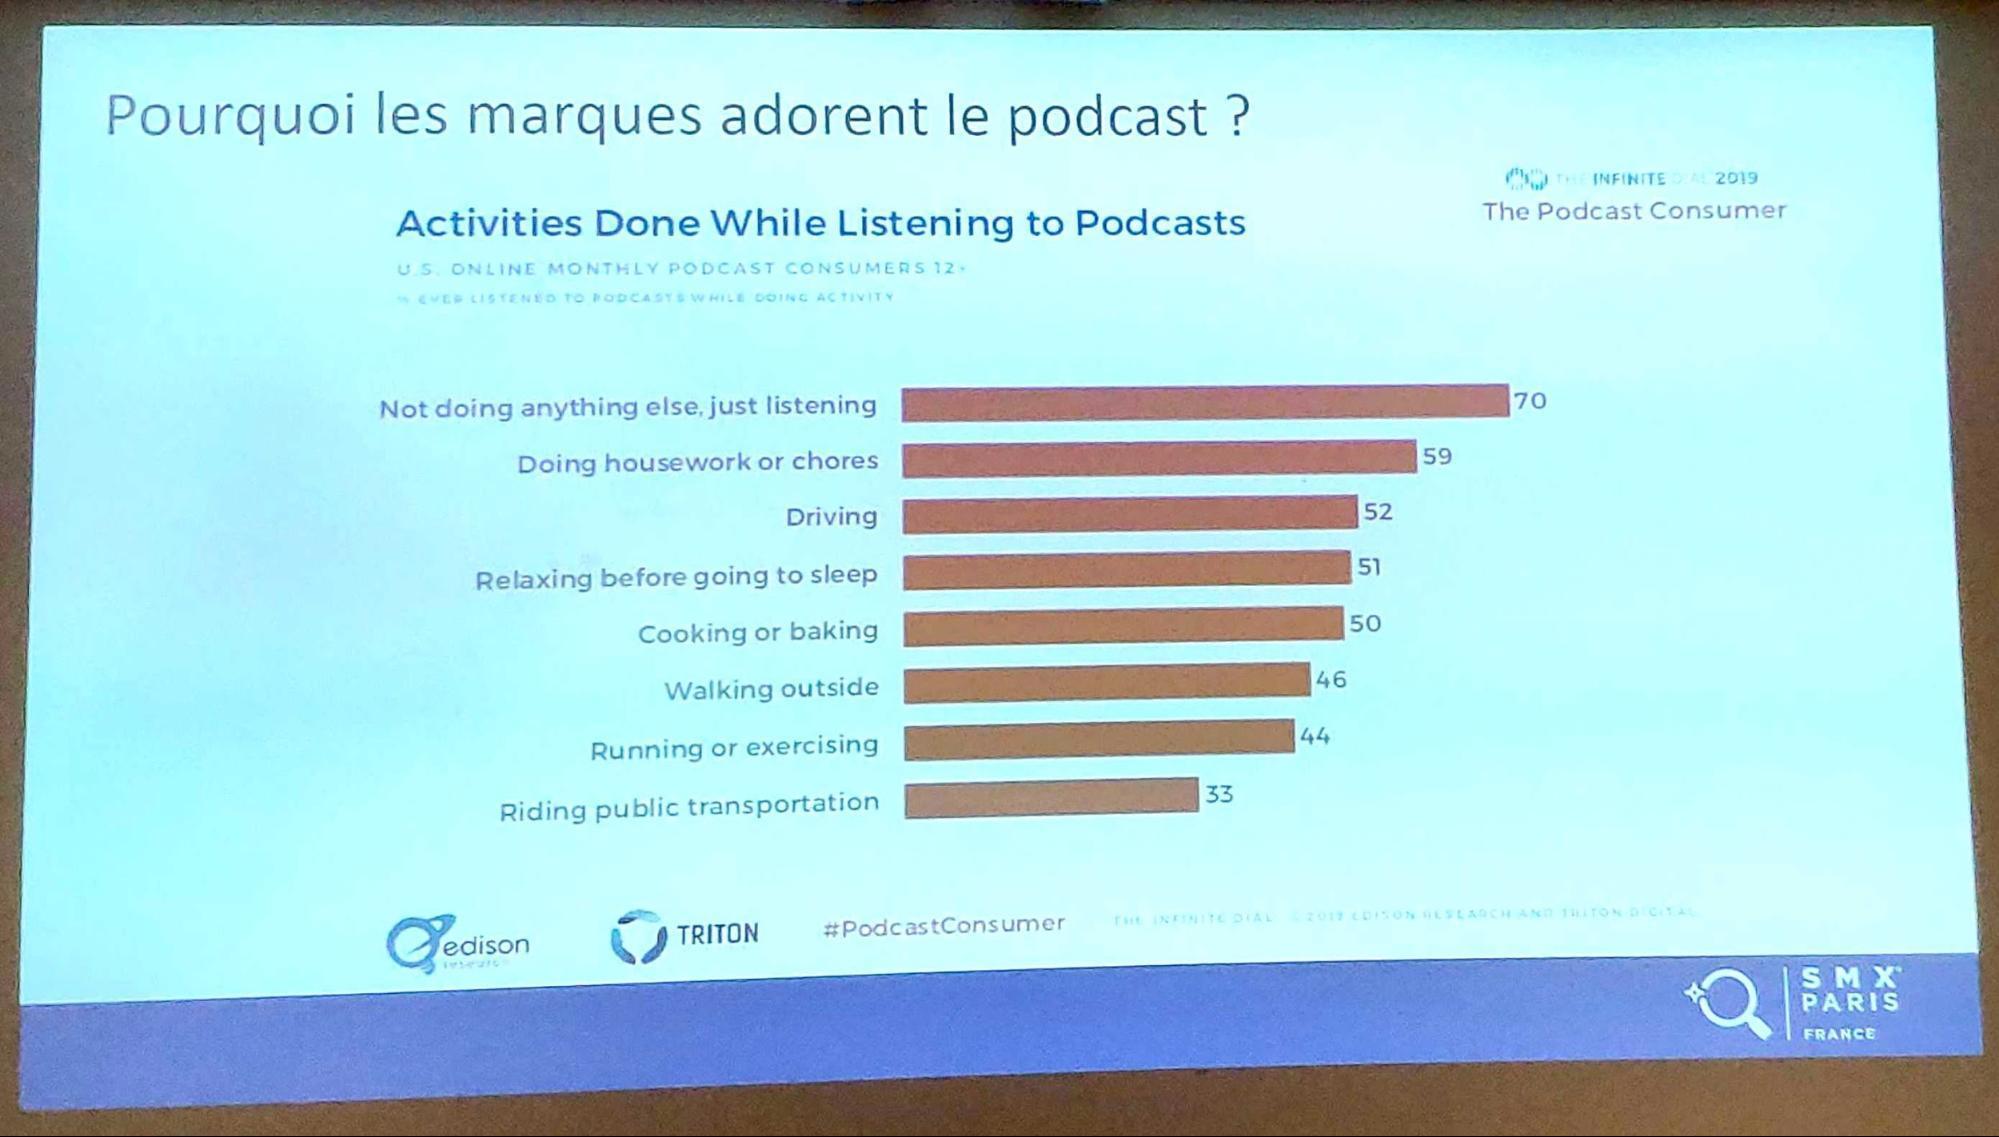 Pourquoi les marques adorent le podcast